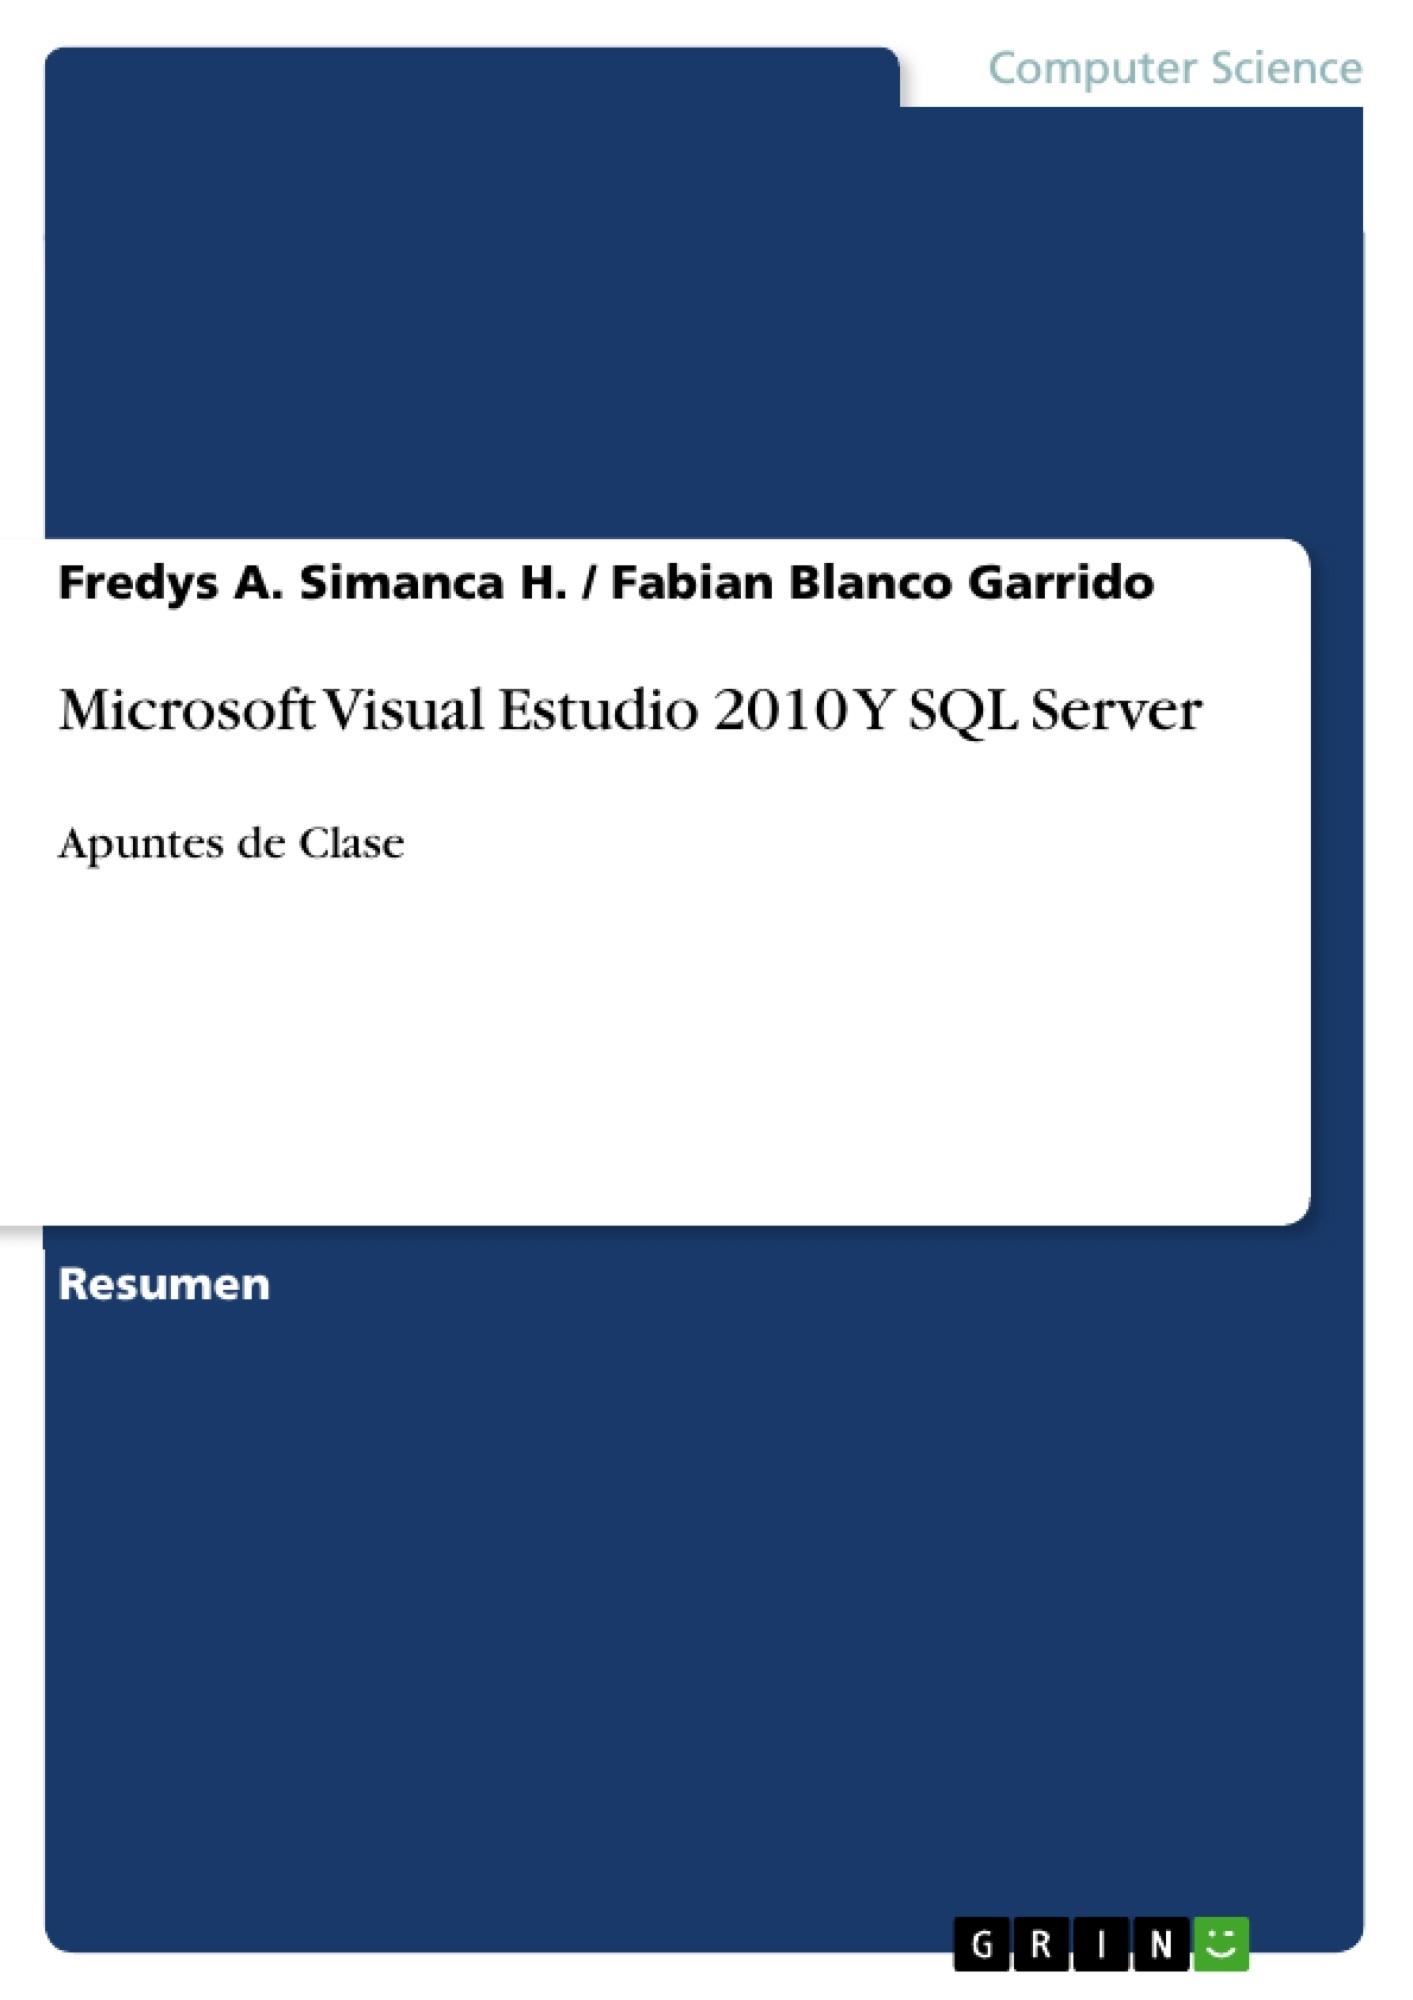 Título: Microsoft Visual Estudio 2010 Y SQL Server